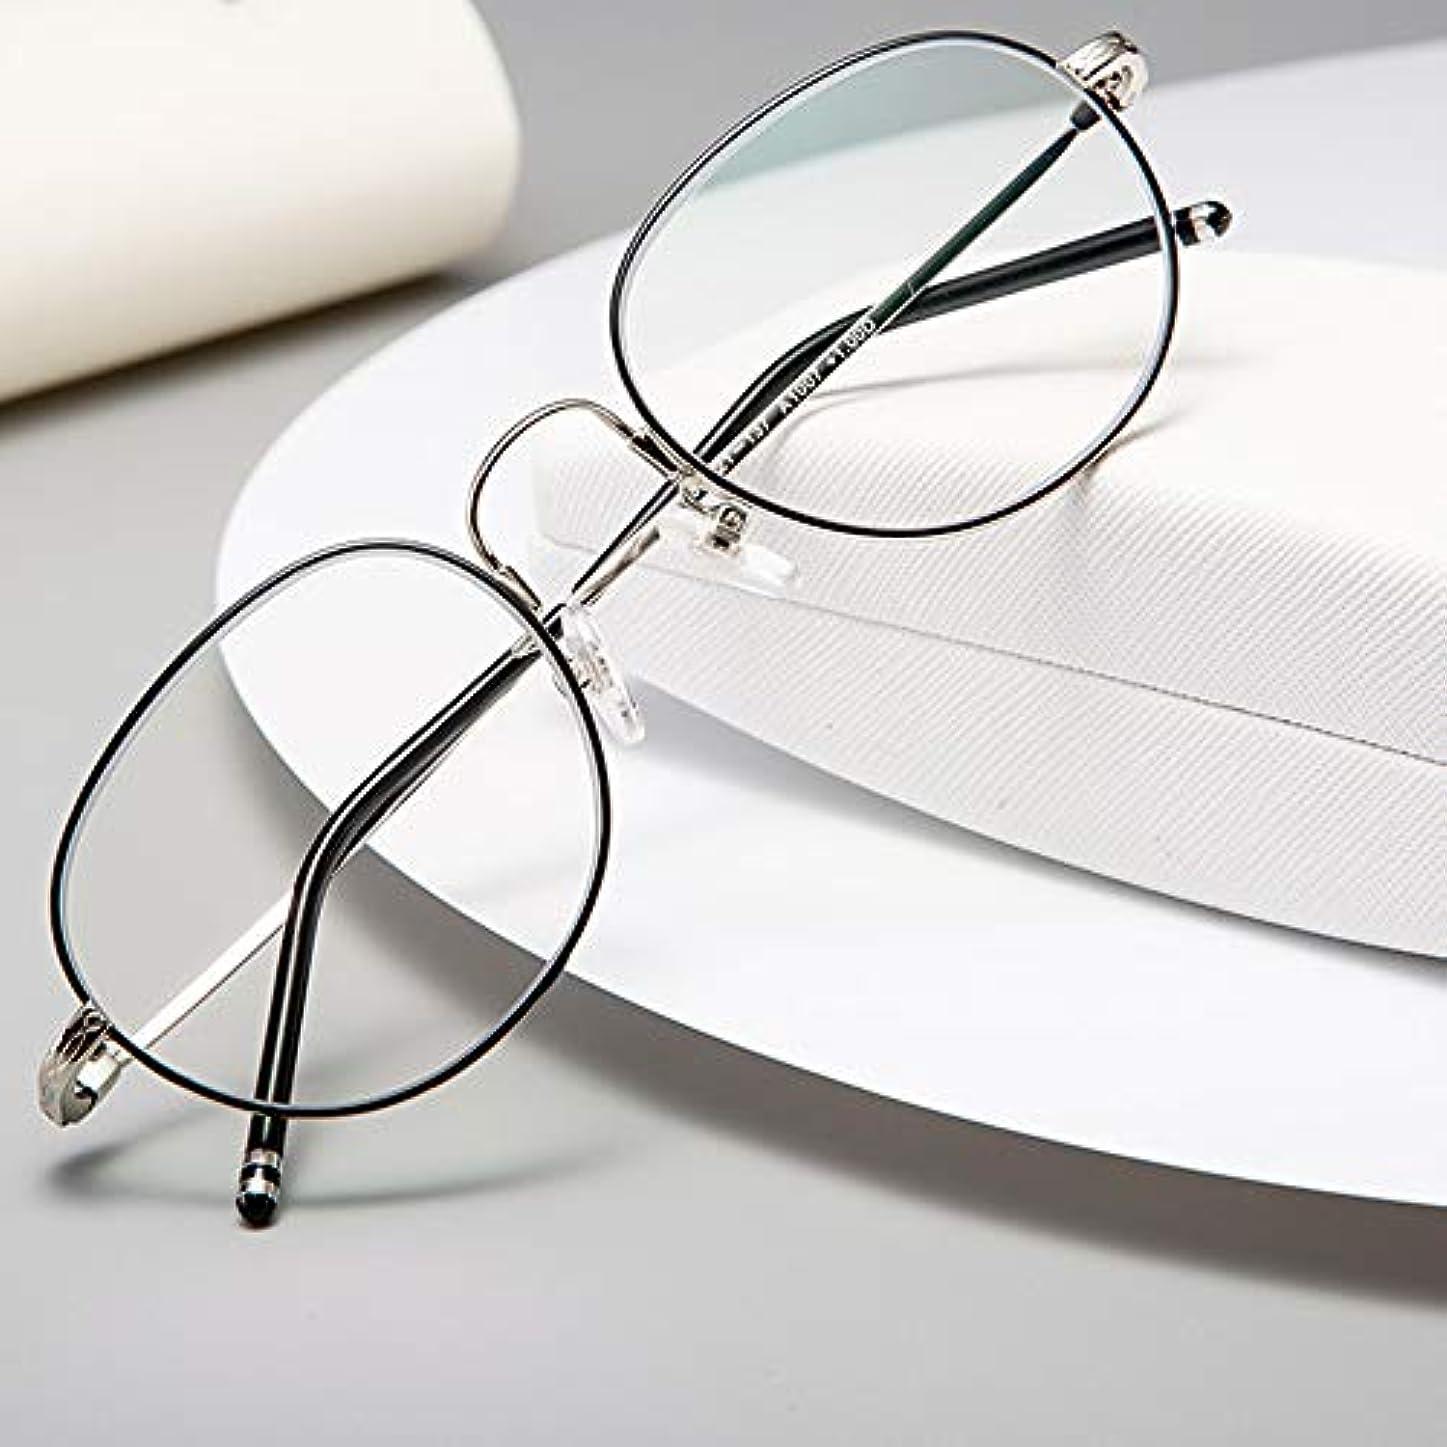 アンチBlu-Rayレディース老眼鏡、スタイリッシュな丸い細いフレームの金属製目の疲れを防ぐ読書用メガネ、スプリングヒンジ付き読者(遠近両用)